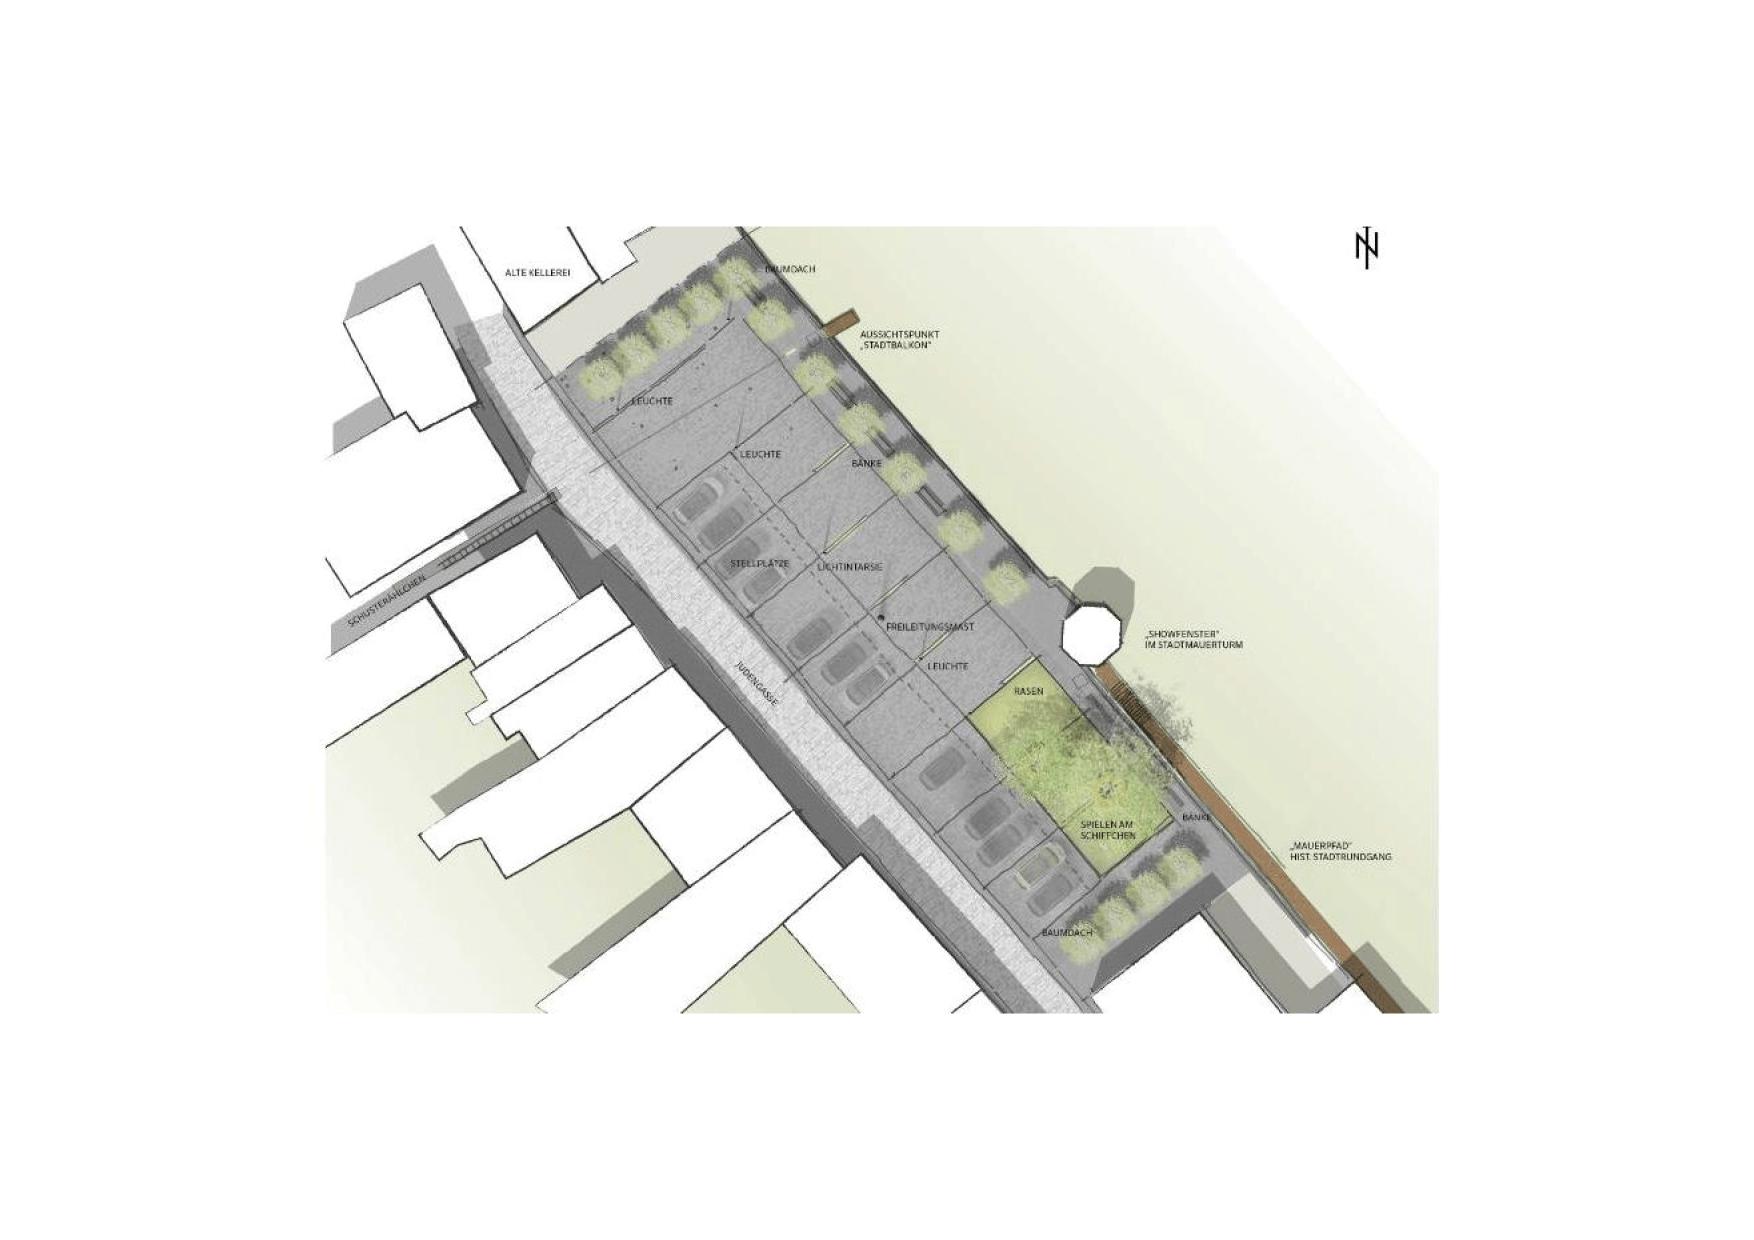 Montabaur Integriertes Städtebauliches Entwicklungskonzept ISEK Entwurf Skizze Platz Gestaltung